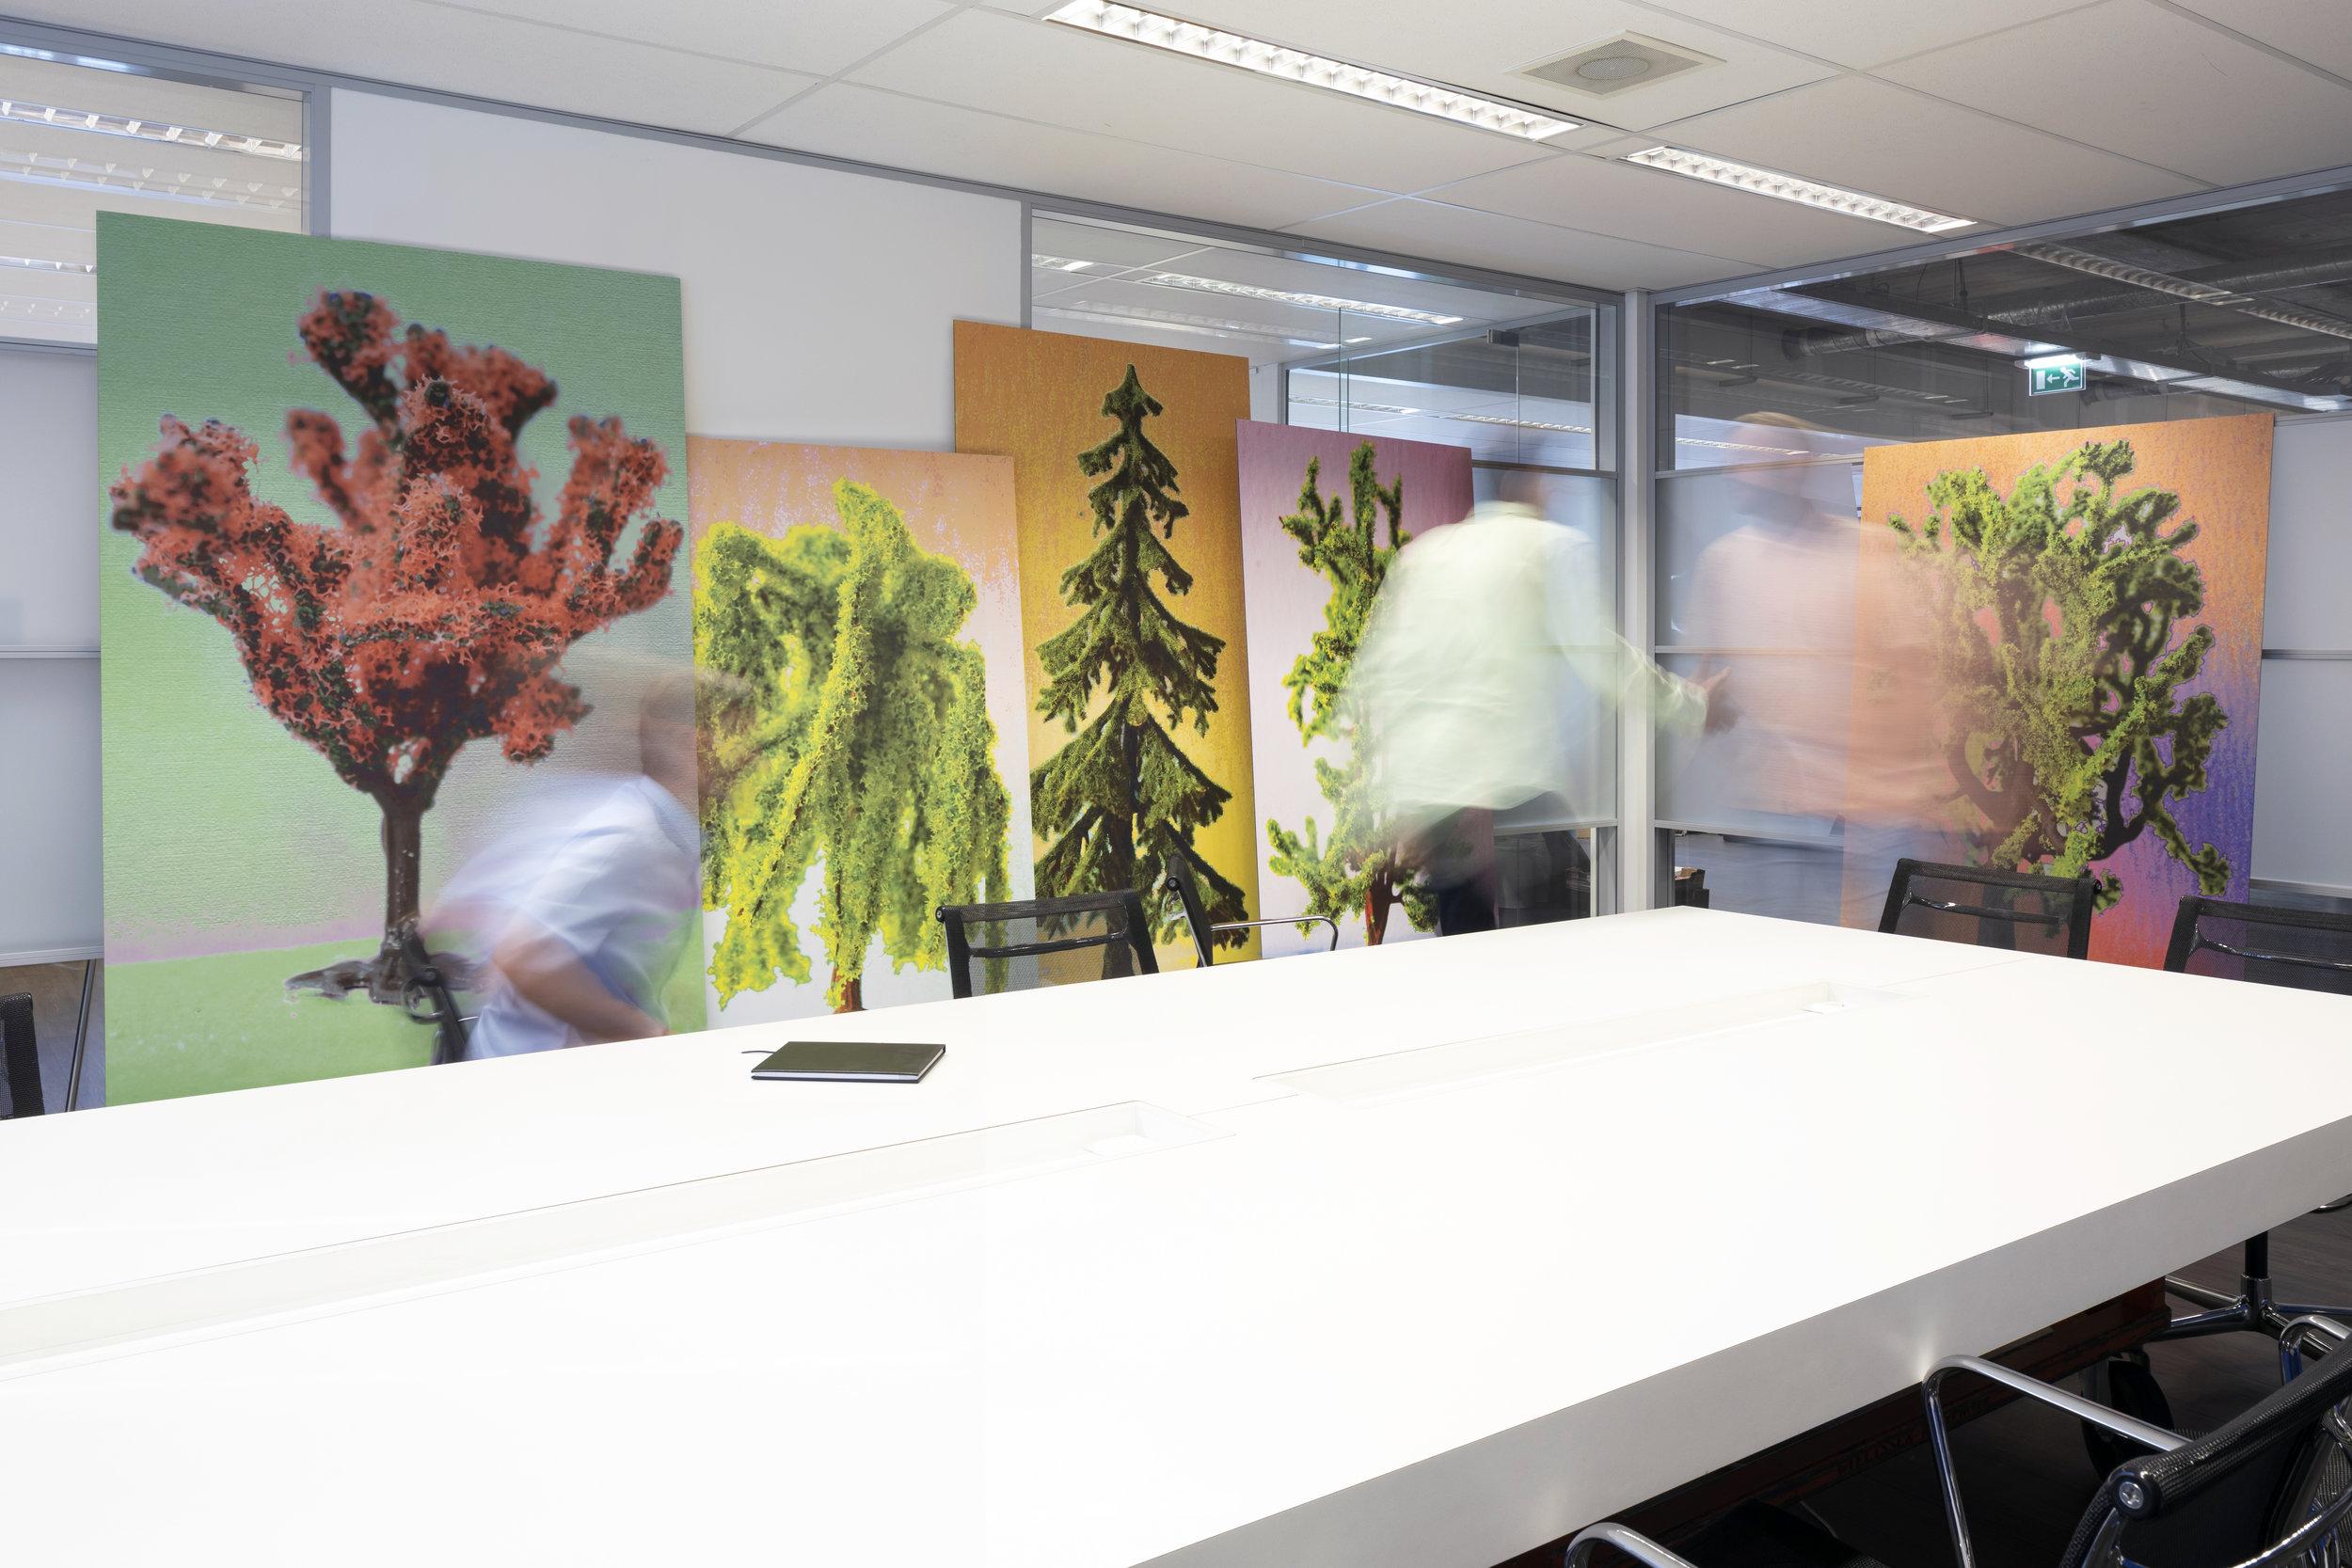 Shortcut naar een fijnere werkplek - Kijken naar kunst maakt blij. Wil jij ook gelukkigere collega's? Wij vertellen je graag hoe je met kunst zorgt voor een gelukboost op jouw kantoor.